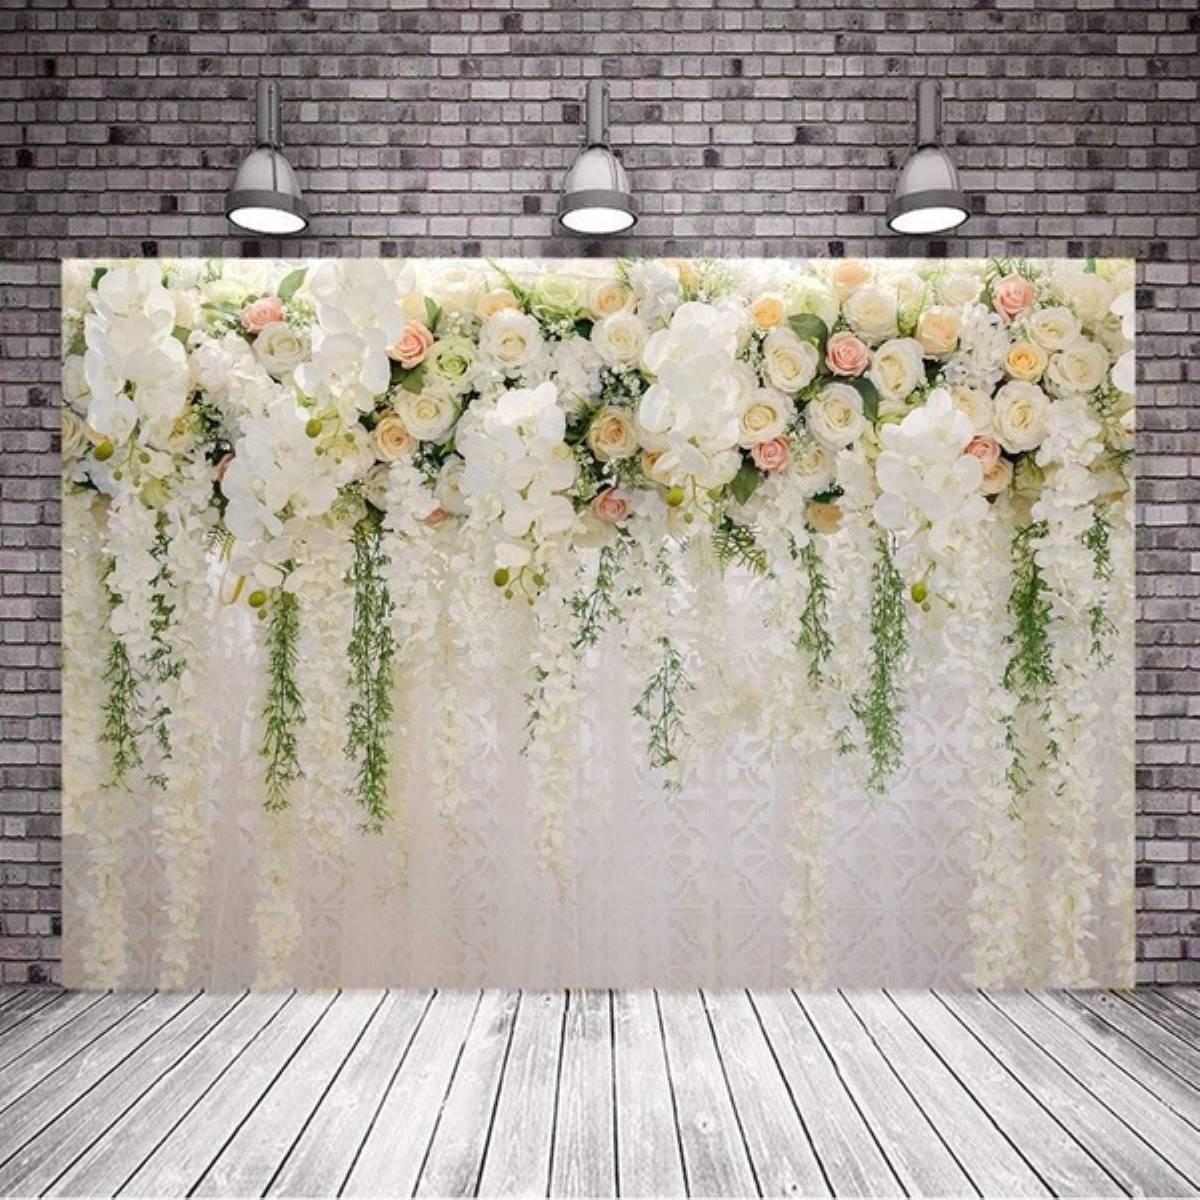 Детские фоны для фотосъемки, белые свадебные фоны с цветами розы для фотостудии